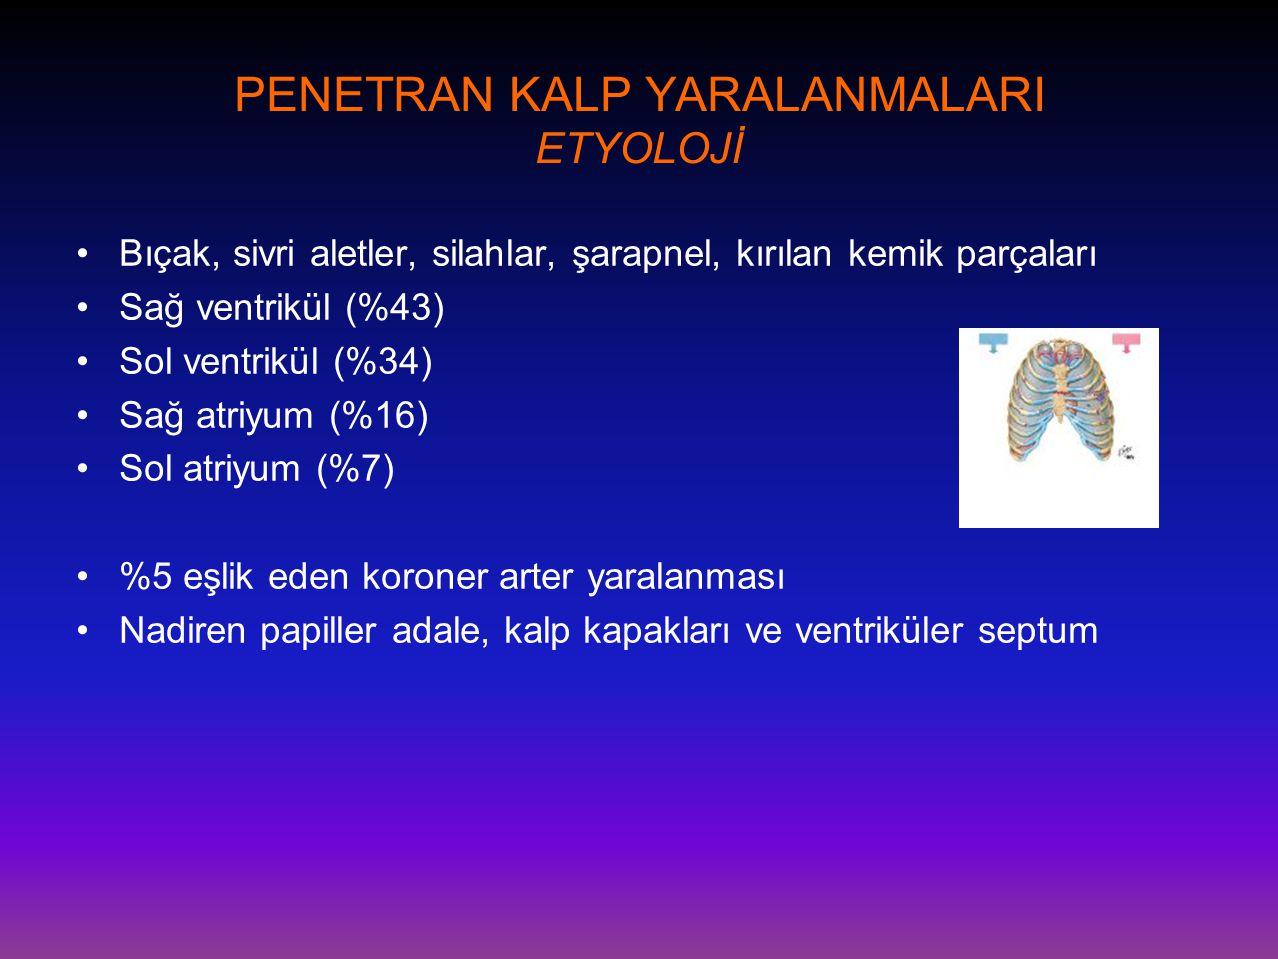 PENETRAN KALP YARALANMALARI ETYOLOJİ •Bıçak, sivri aletler, silahlar, şarapnel, kırılan kemik parçaları •Sağ ventrikül (%43) •Sol ventrikül (%34) •Sağ